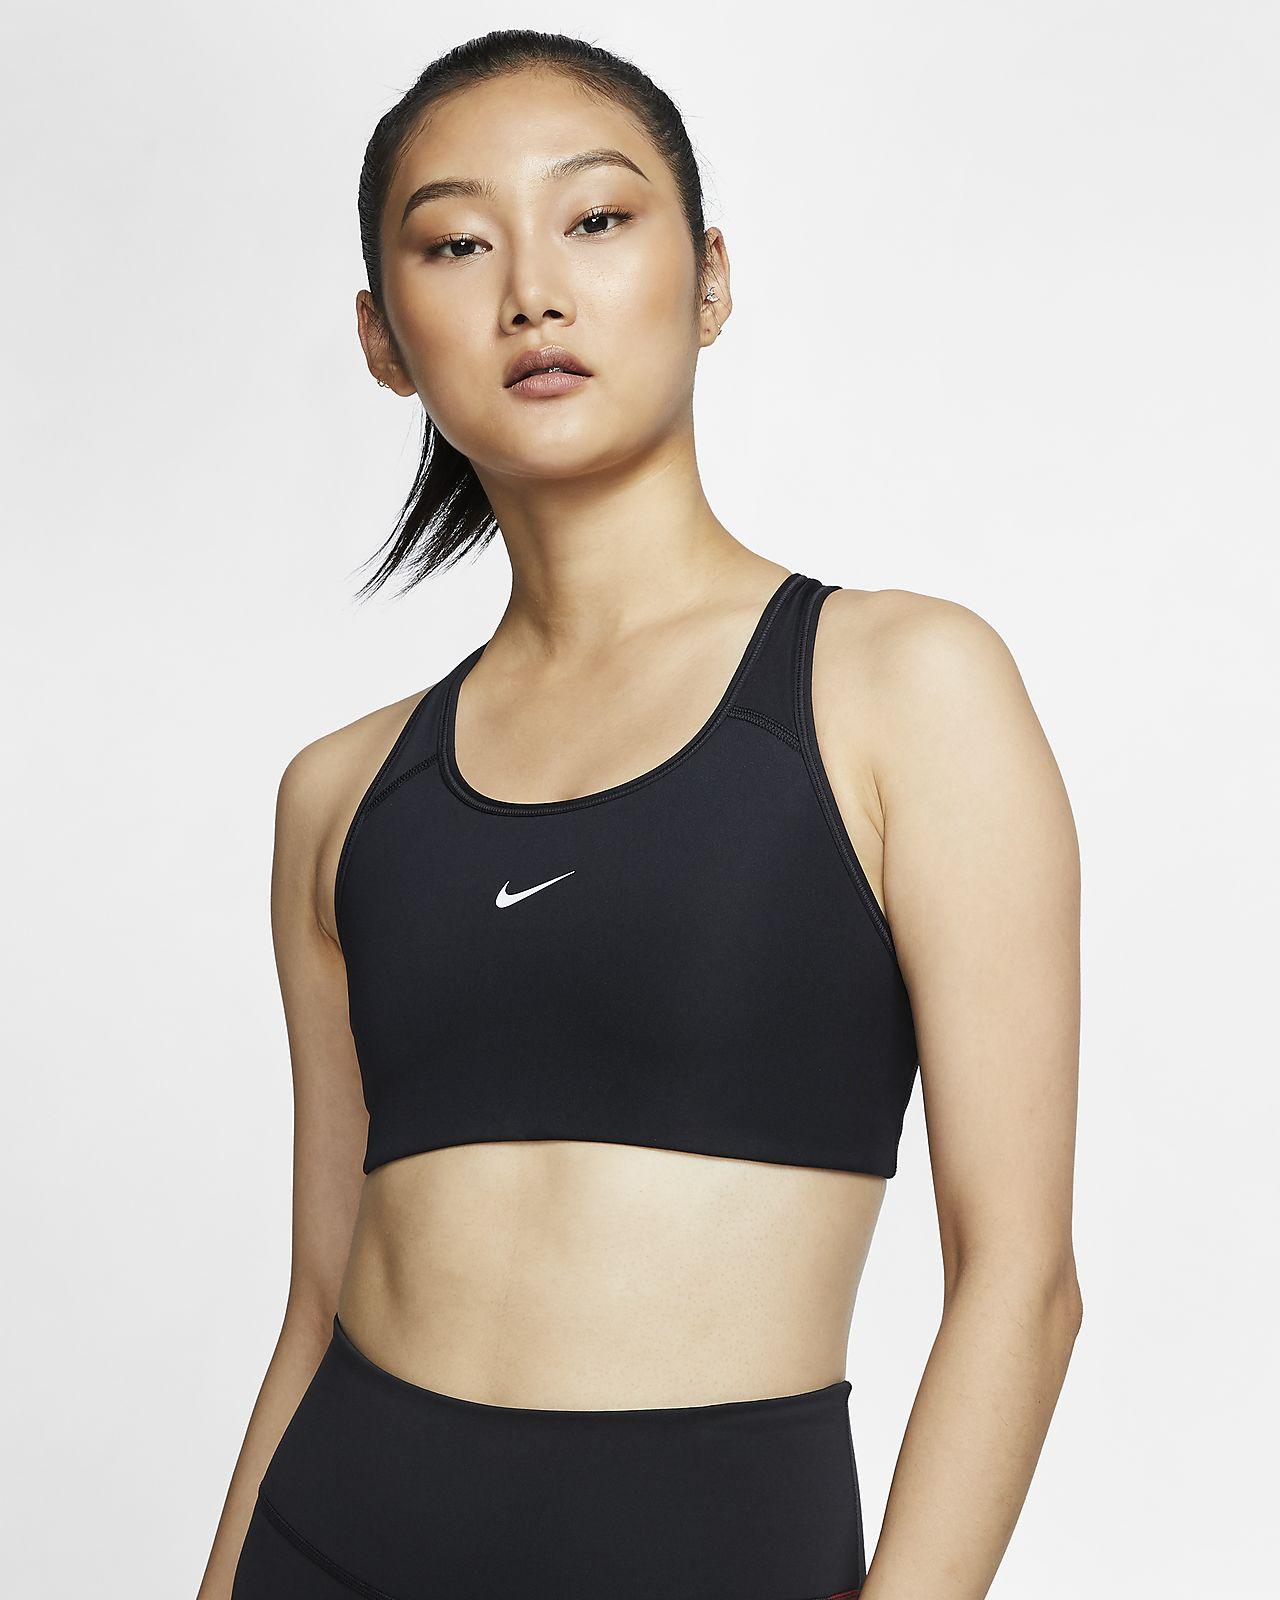 Sutiã de desporto de suporte médio com almofada de peça única Nike Swoosh para mulher